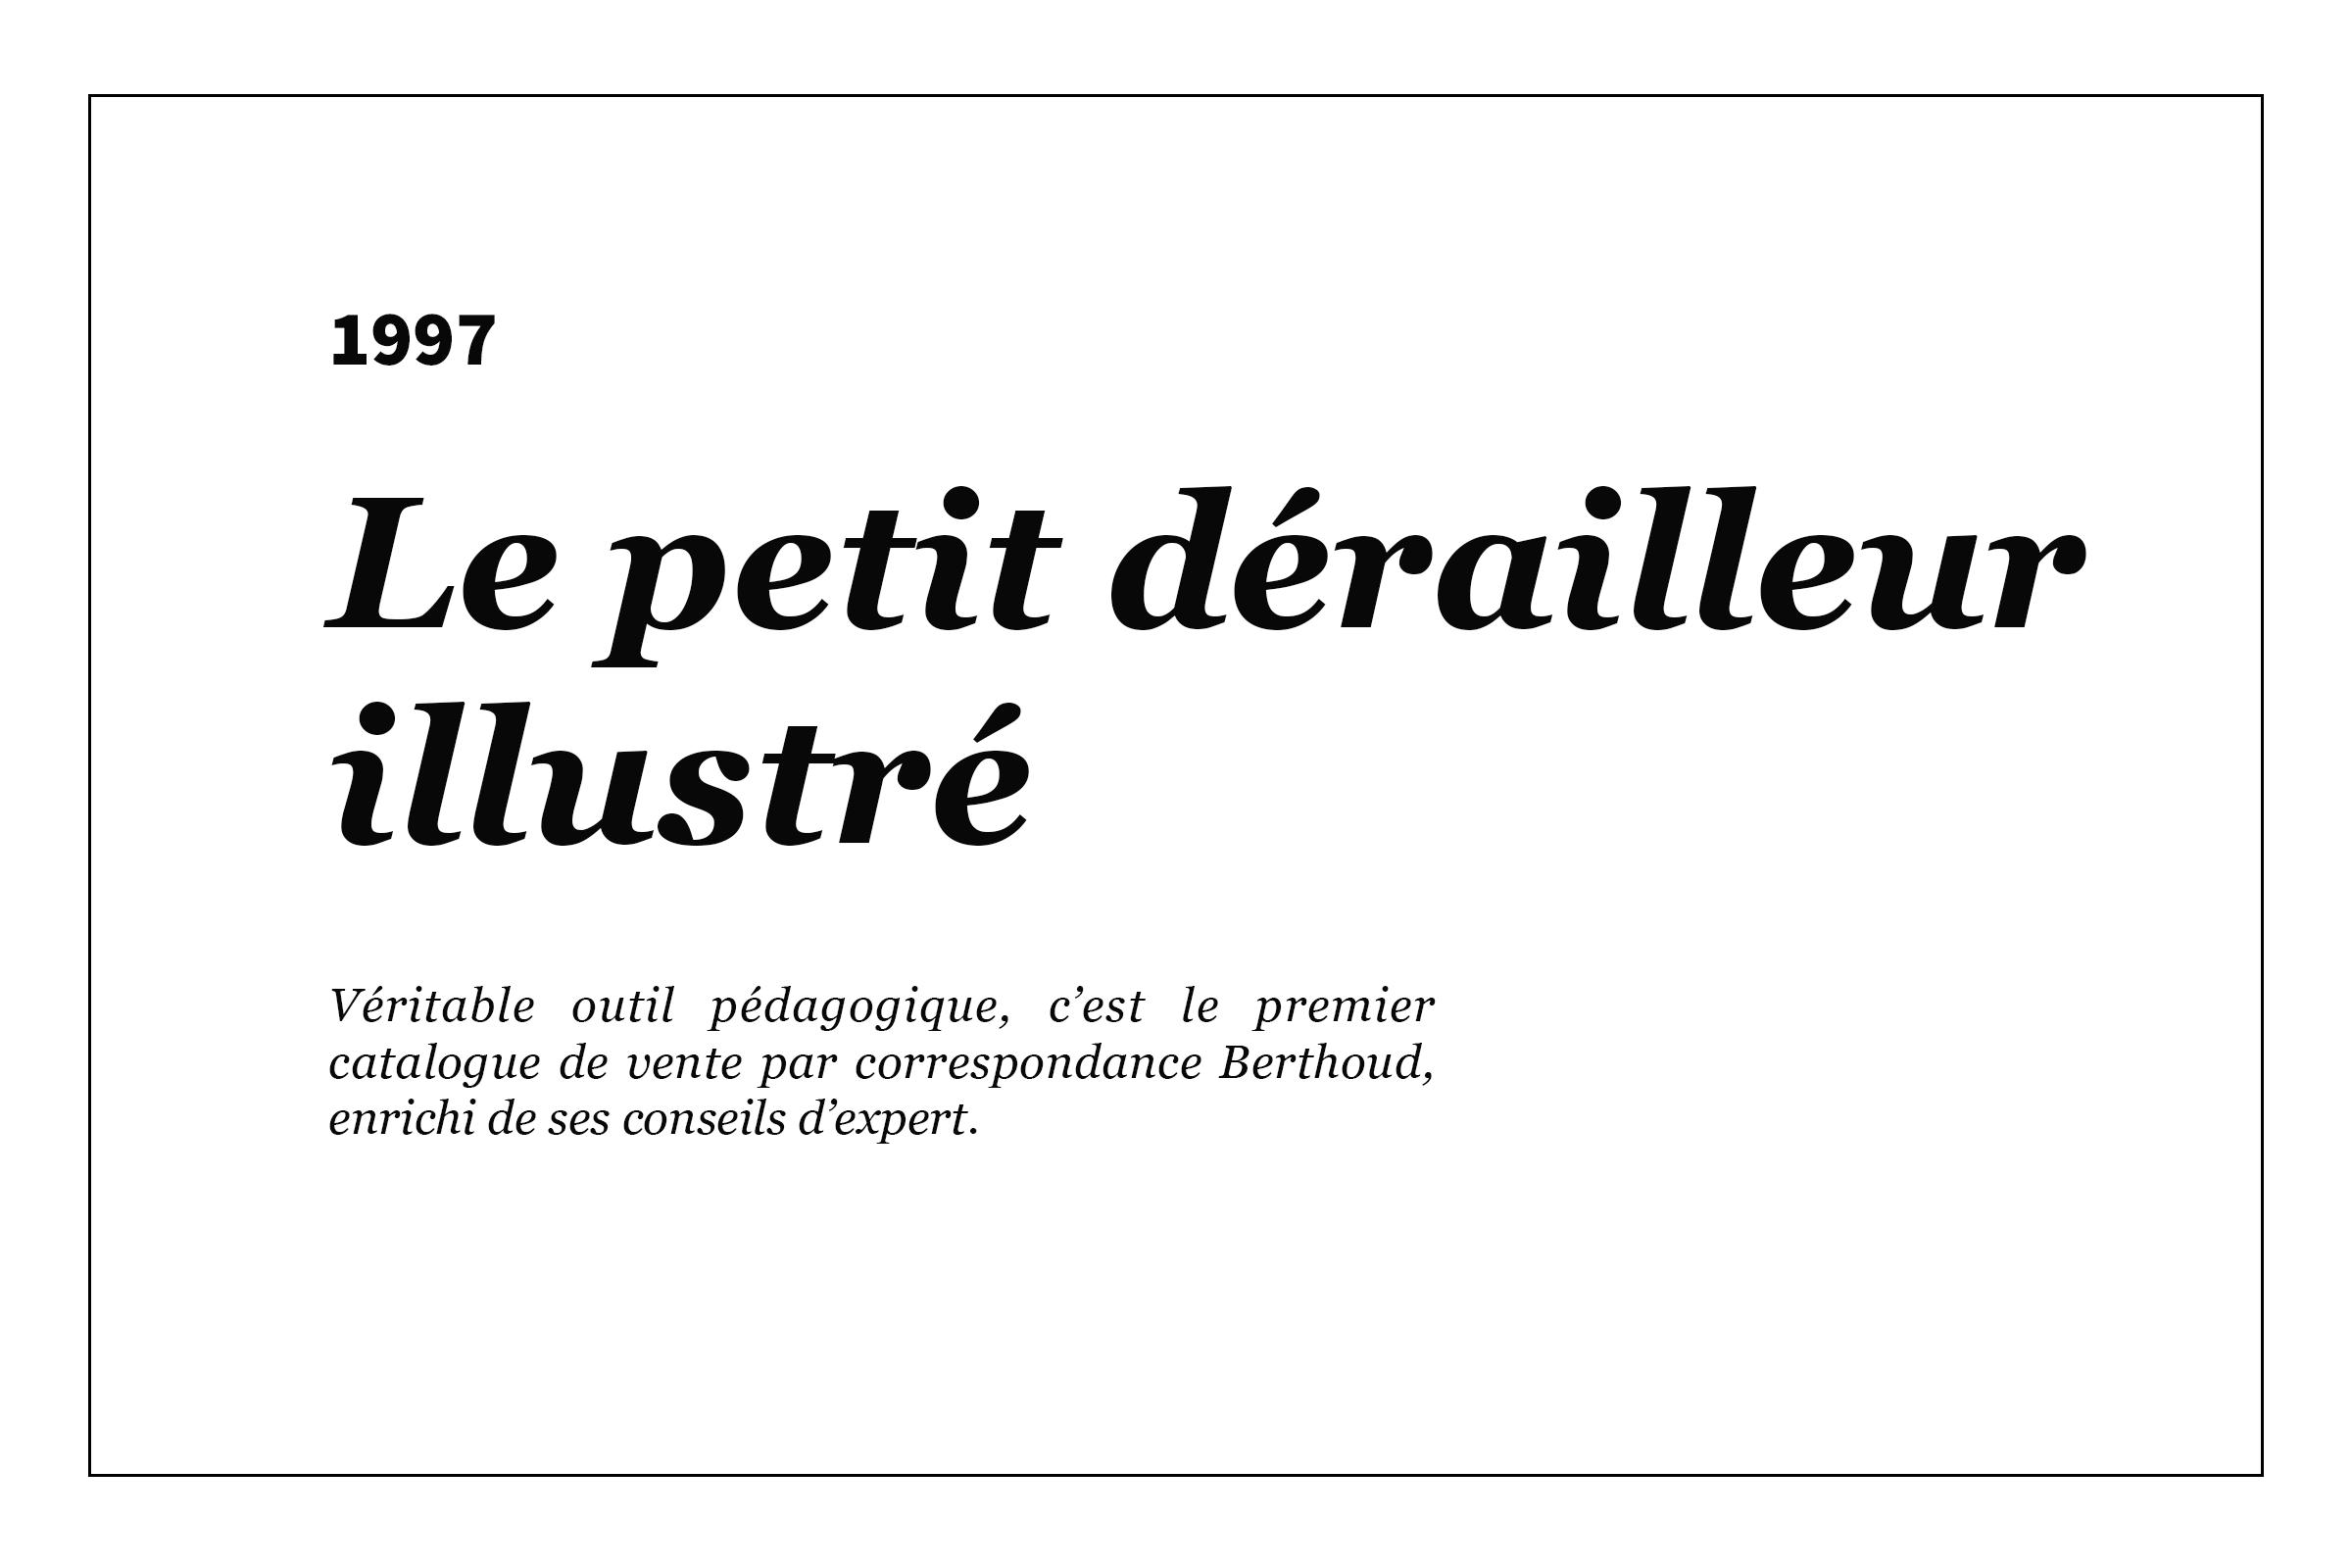 1997 - Le petit dérailleur illustré